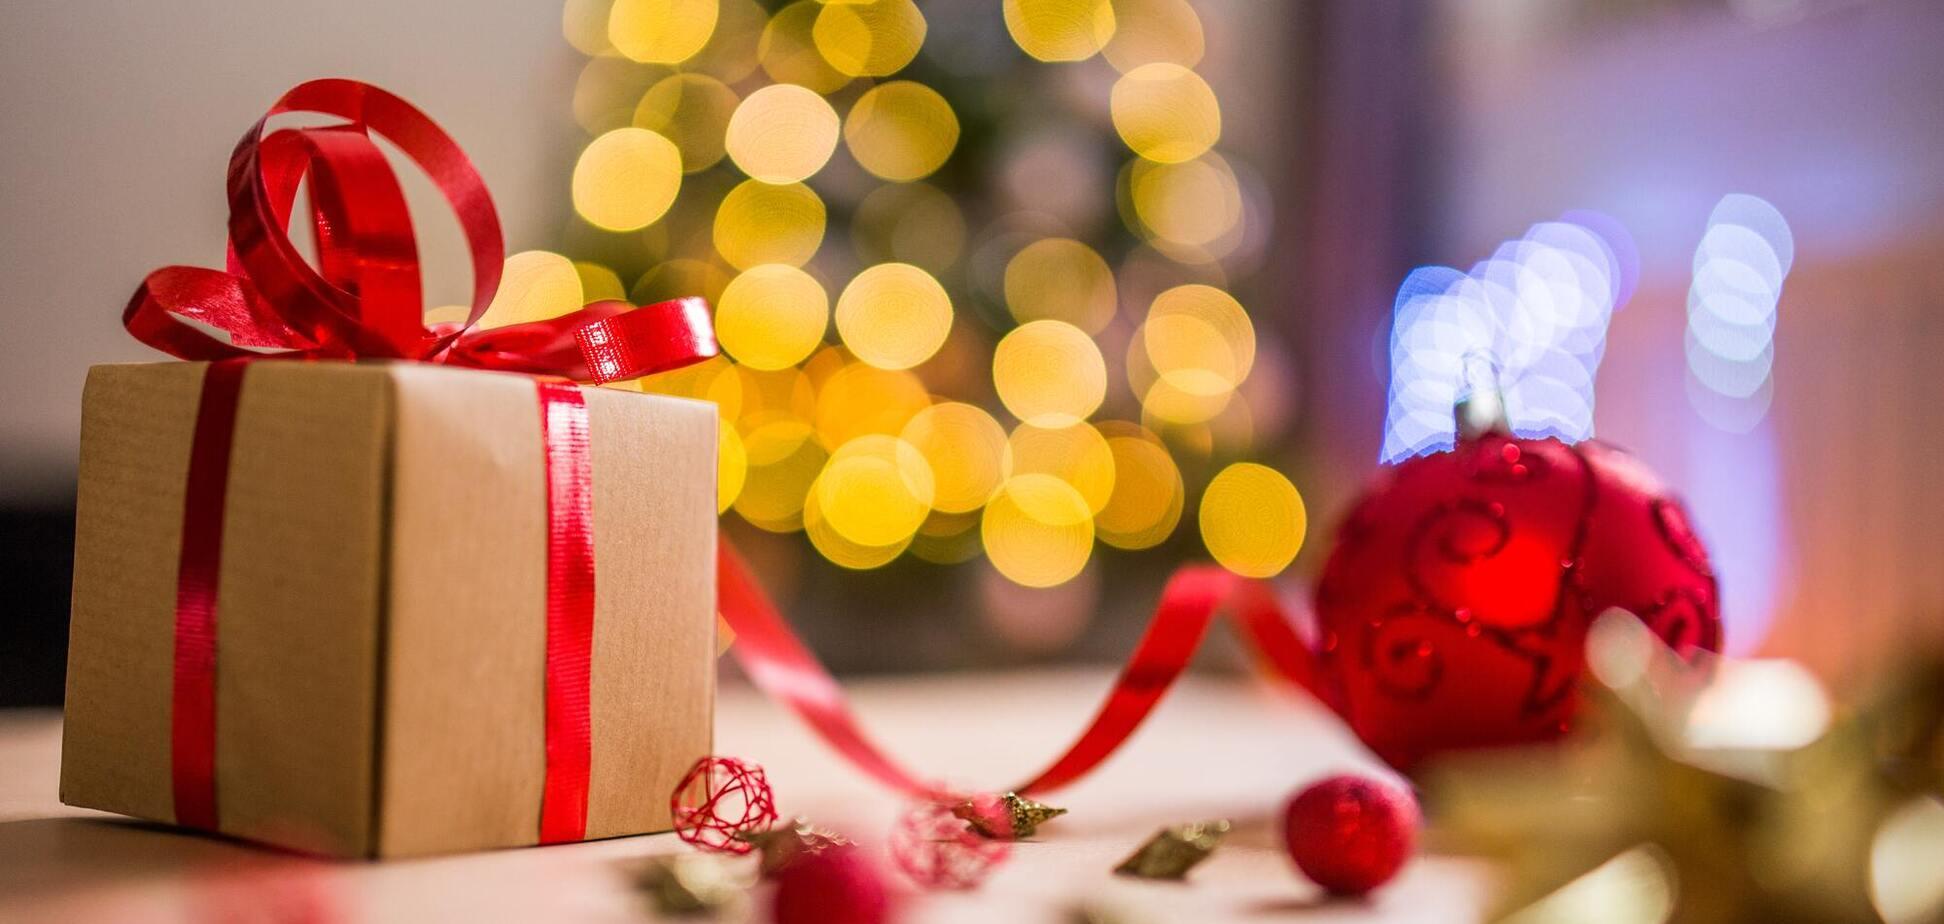 Православные в Украине отмечают Рождество 25 декабря по юлианскому календарю